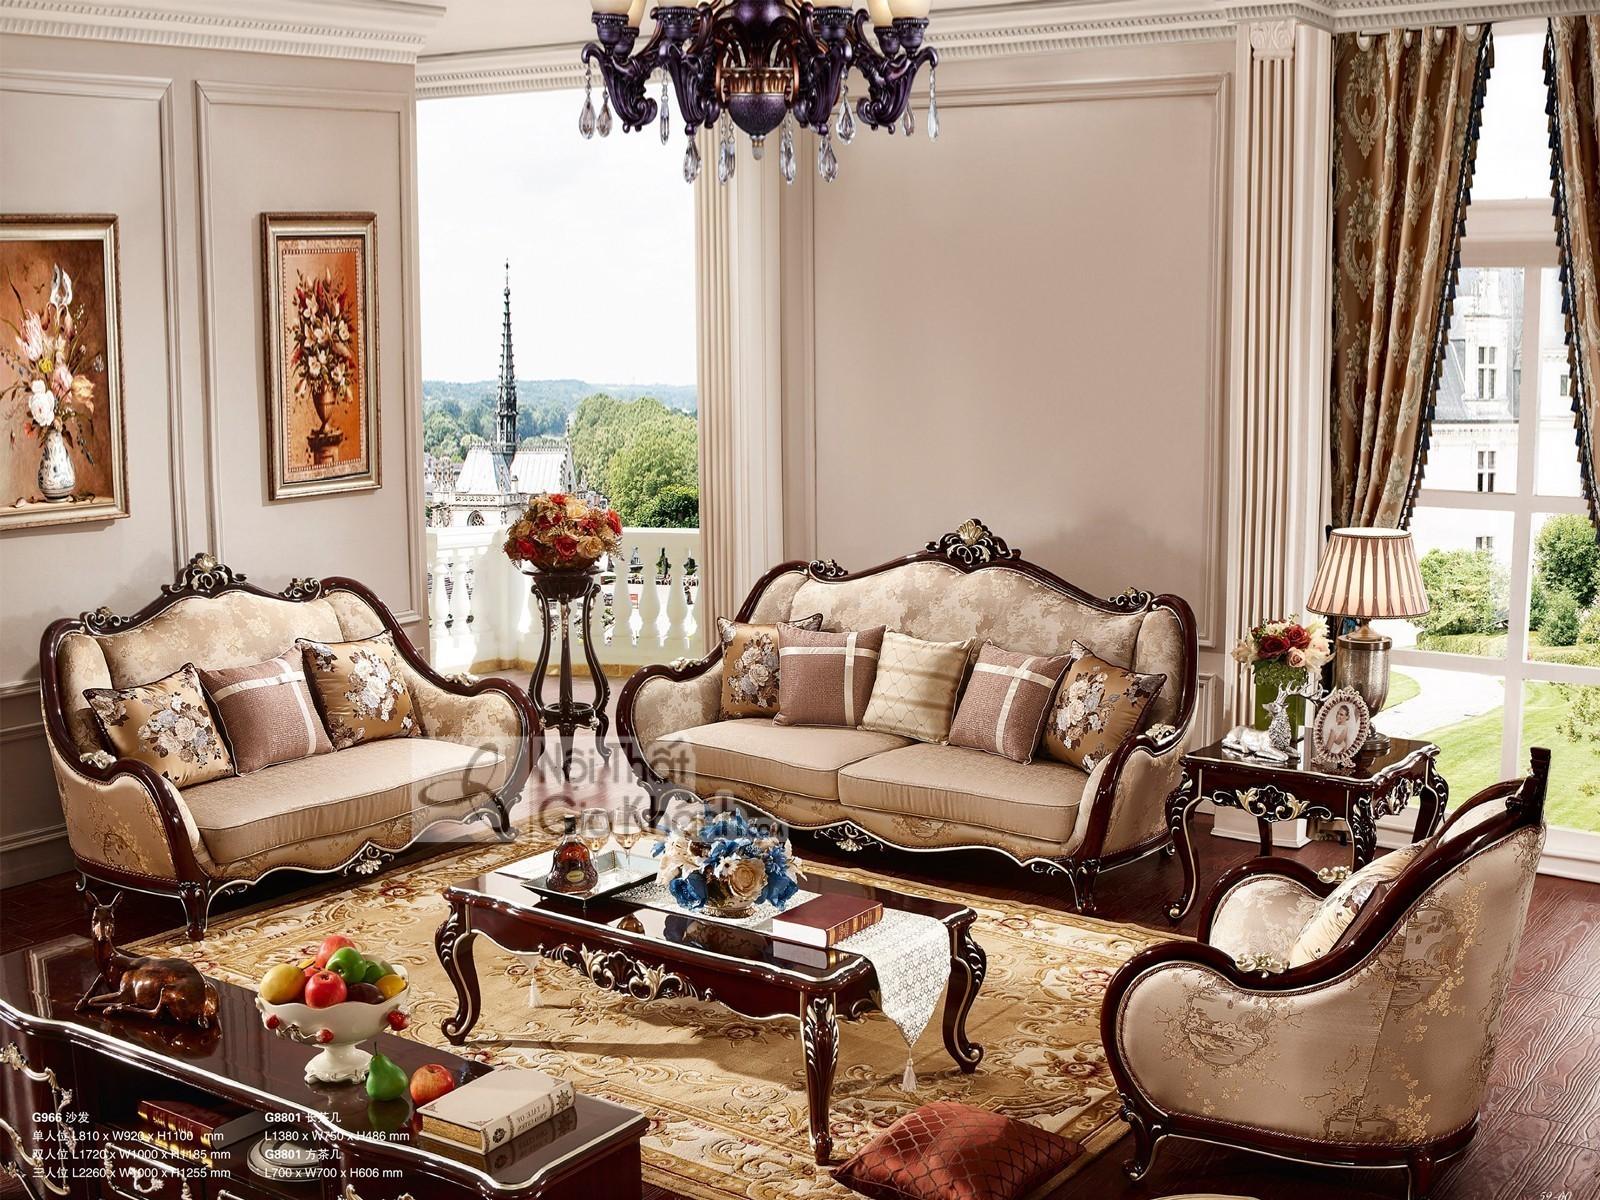 Bộ Ghế Sofa Vải Phong Cách Hoàng Gia Sb966G-123